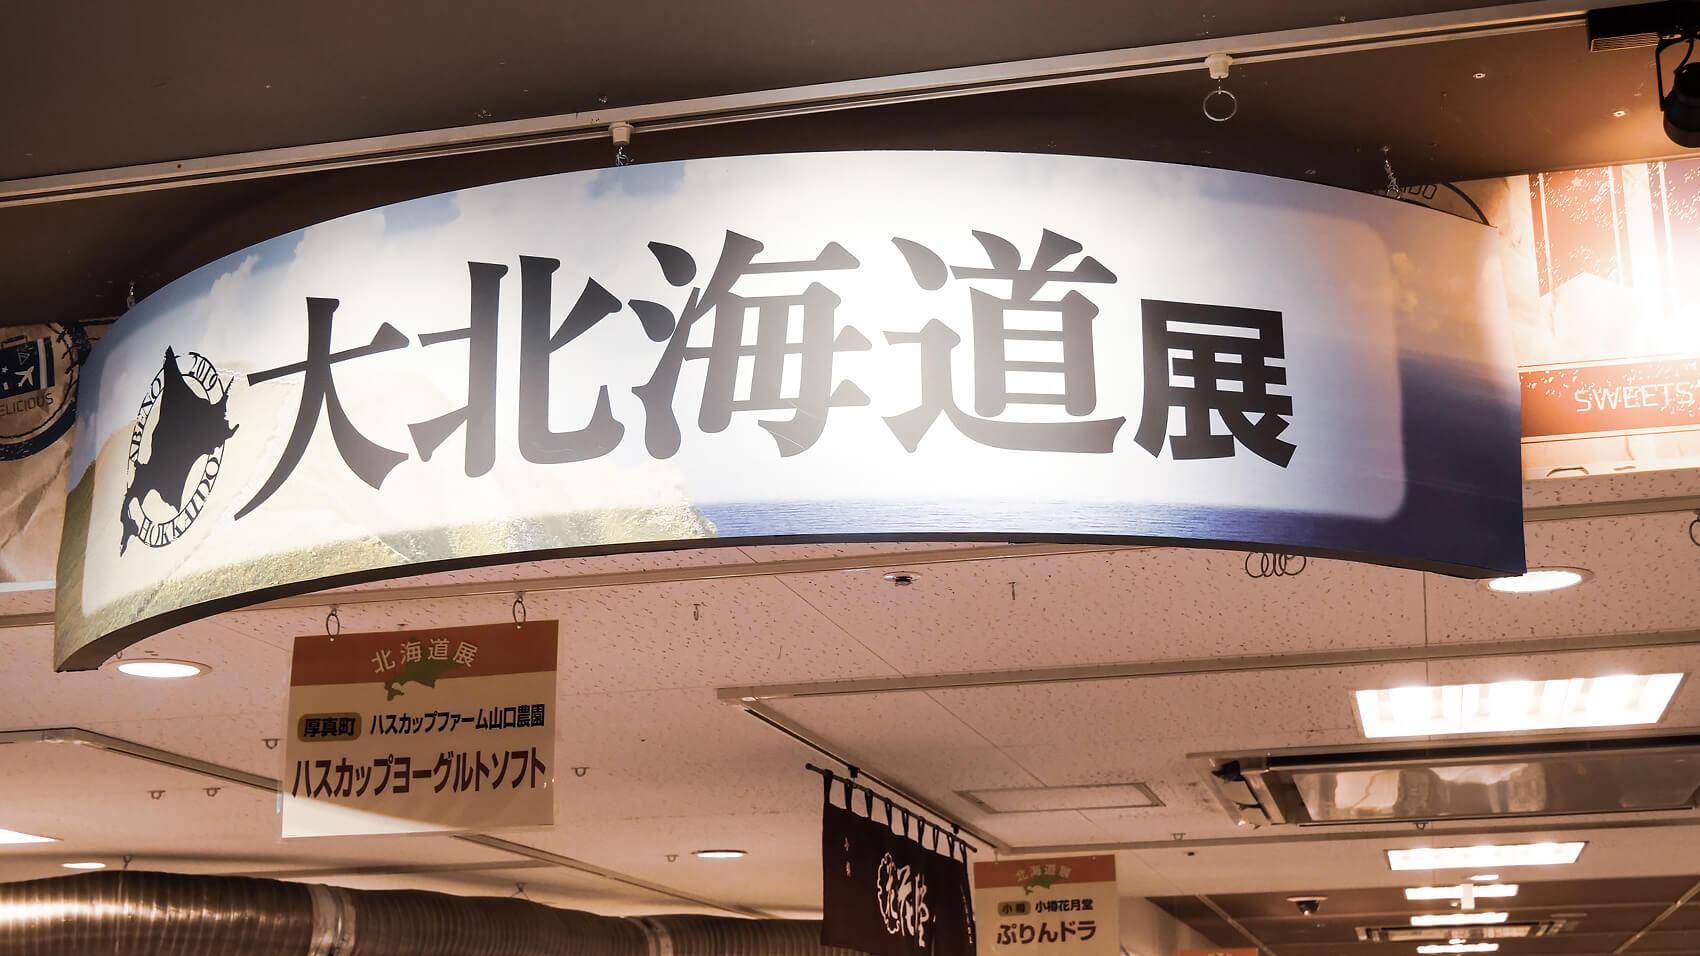 大北海道展のアーケード